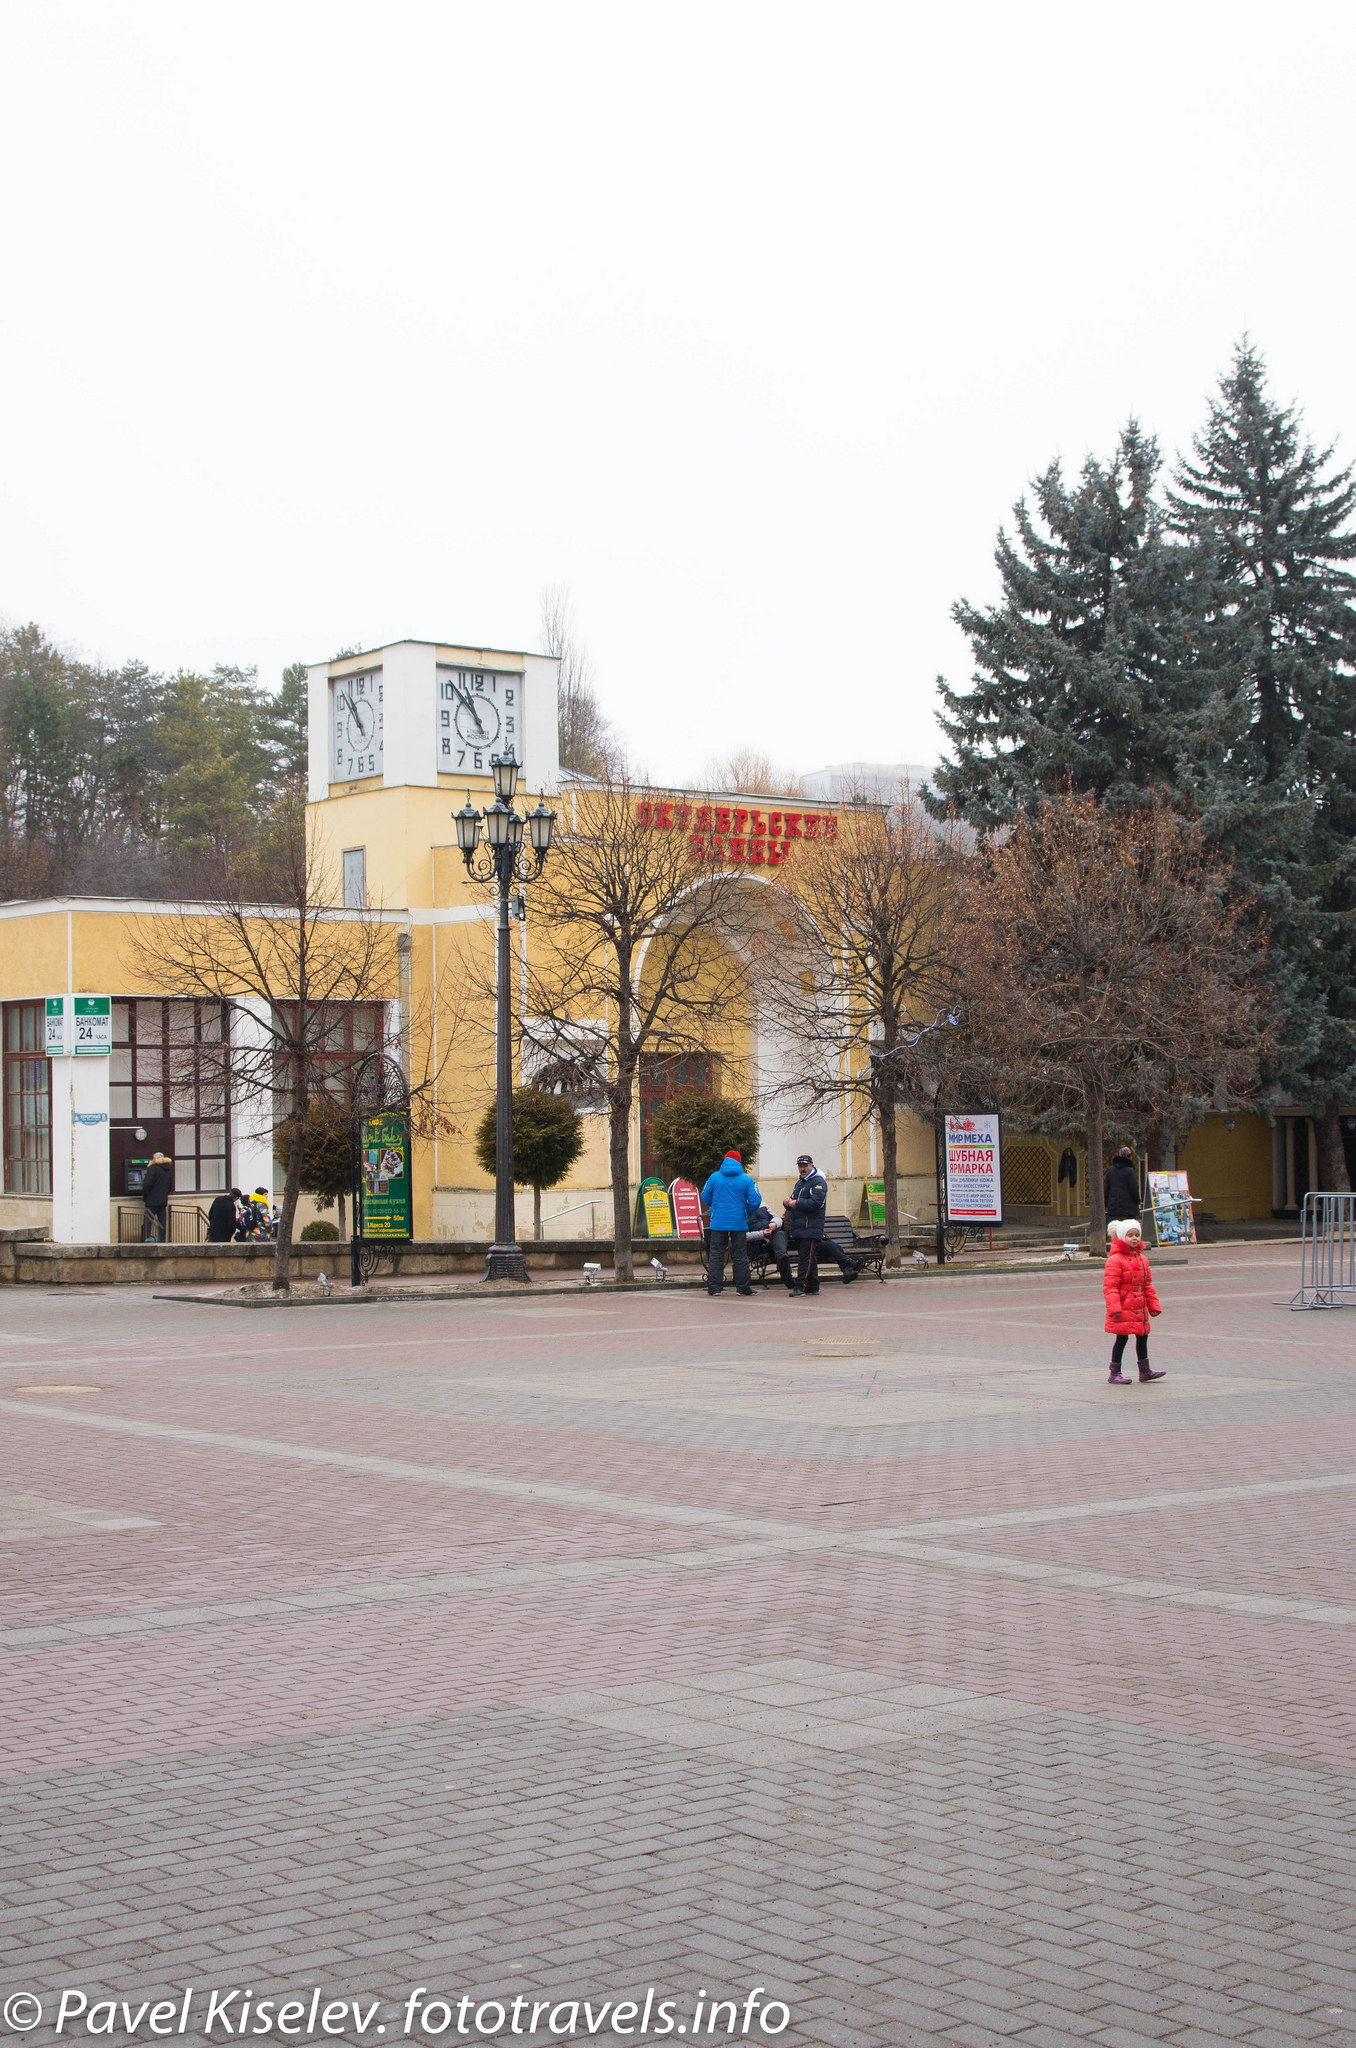 Кавказские минеральные воды, Кисловодск, Россия